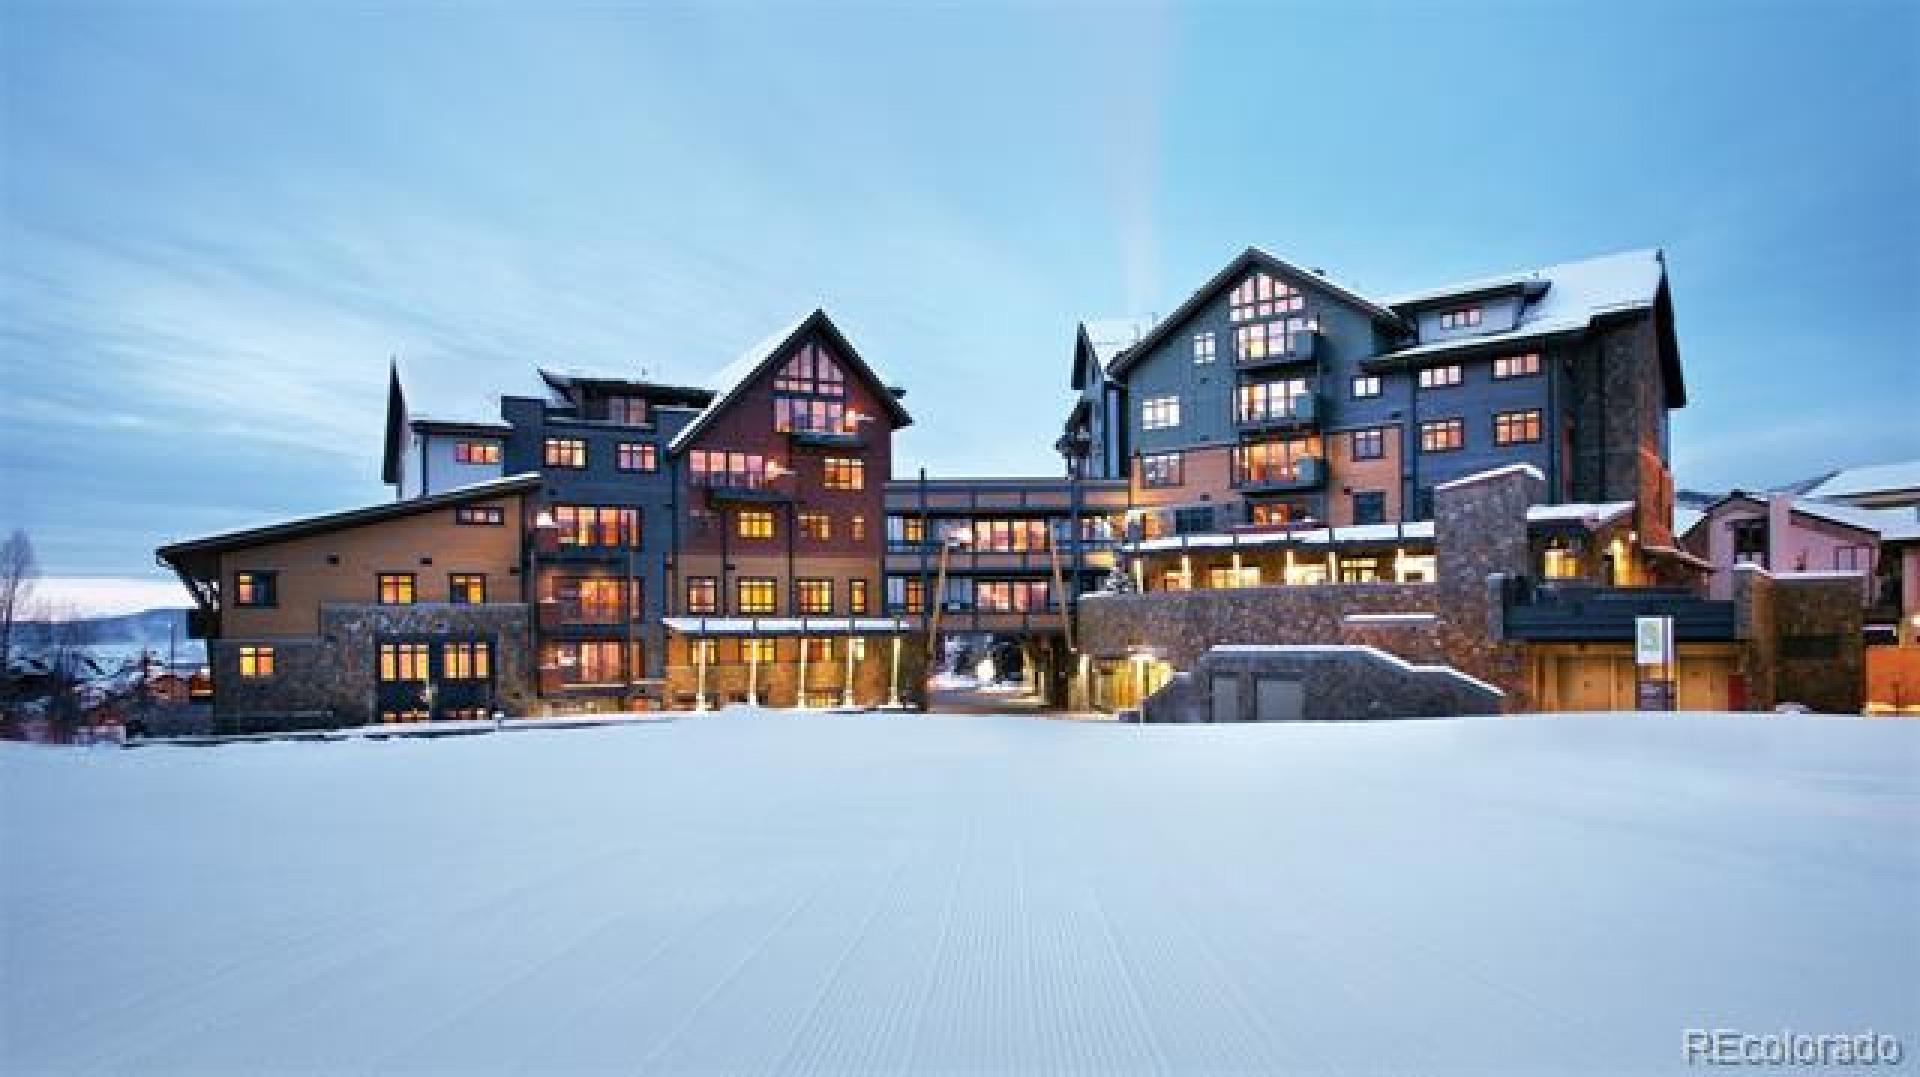 2250 Apres Ski, Steamboat Springs, CO 80487 - Home for Sale, MLS ...